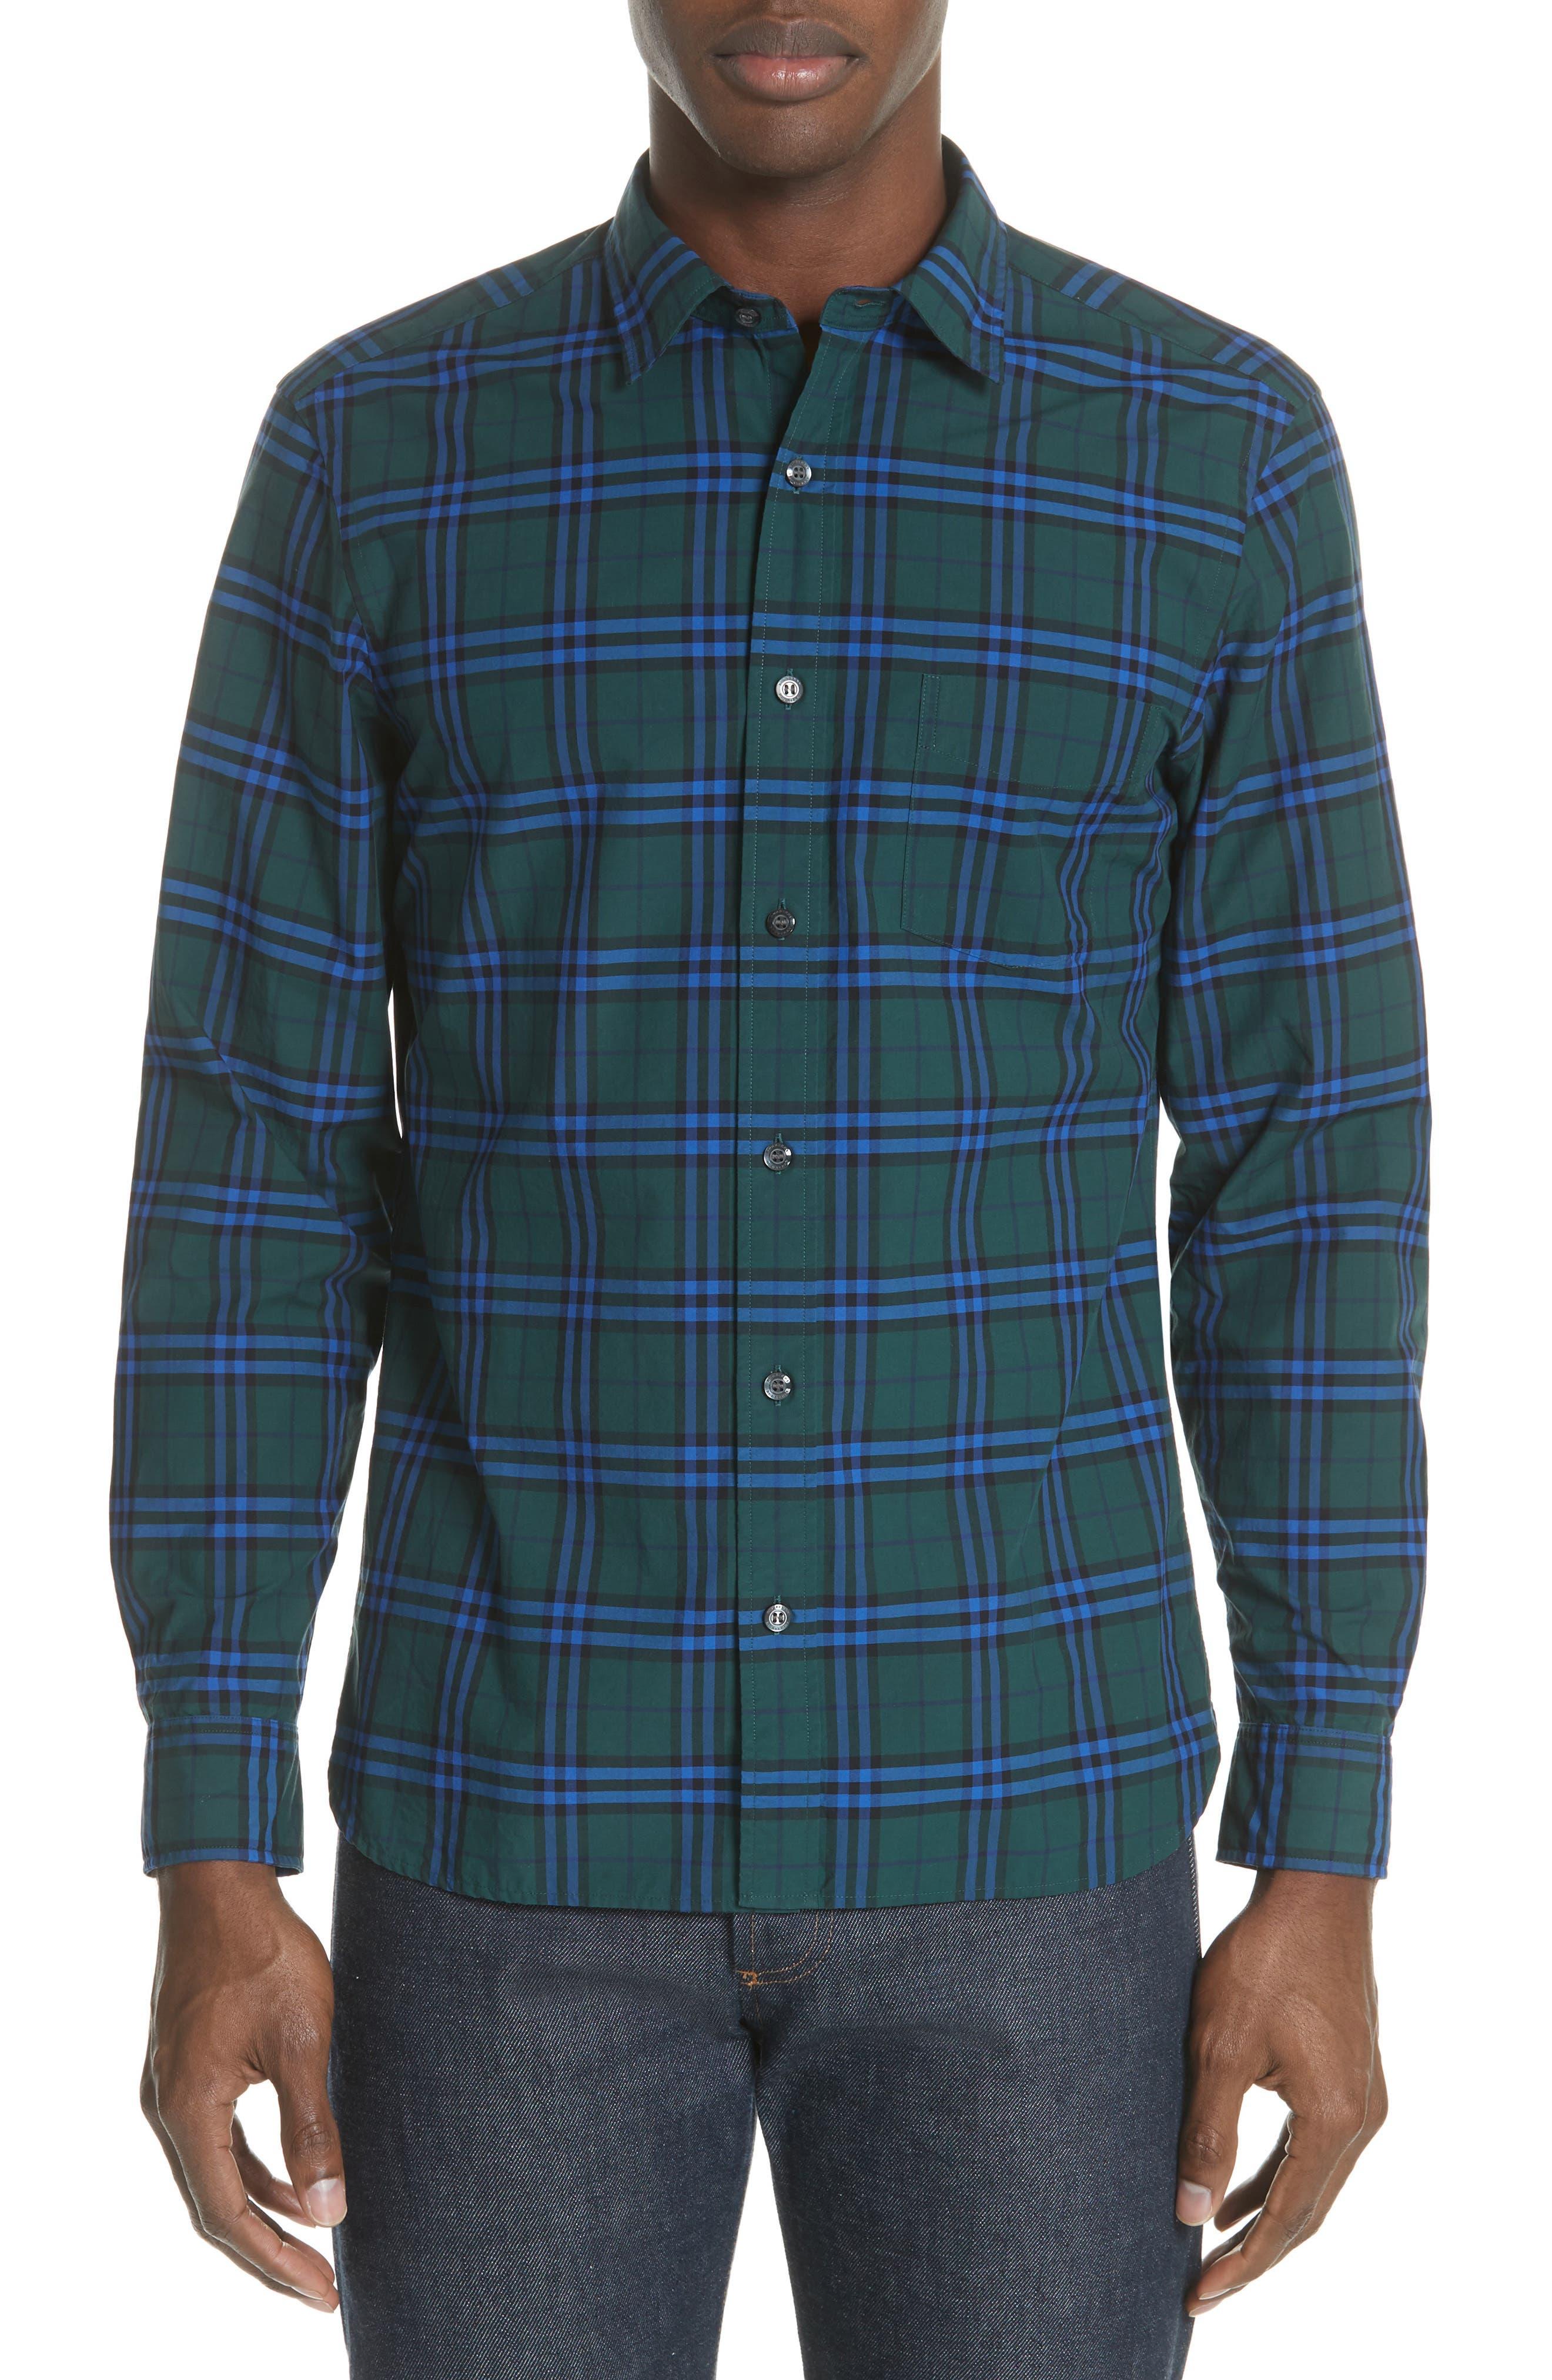 Alexander Check Sport Shirt,                         Main,                         color, 341